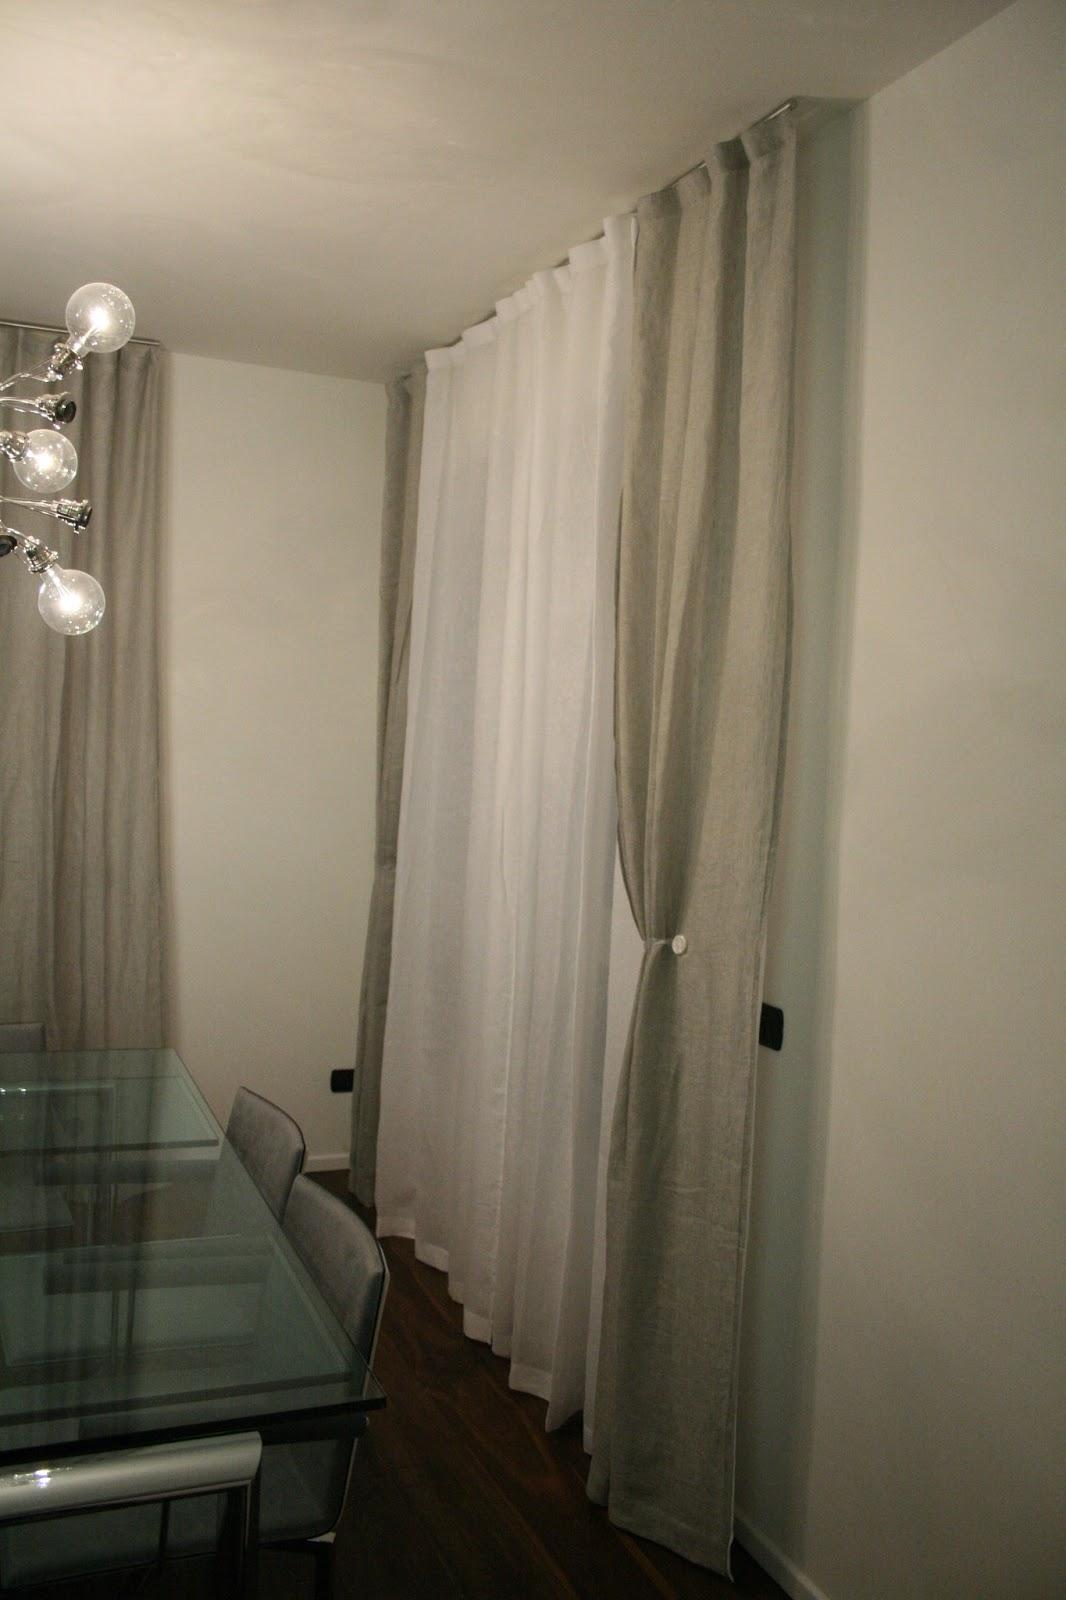 Soggiorno Moderno Tende: Tende da soggiorno moderno veneziane su misura foto.